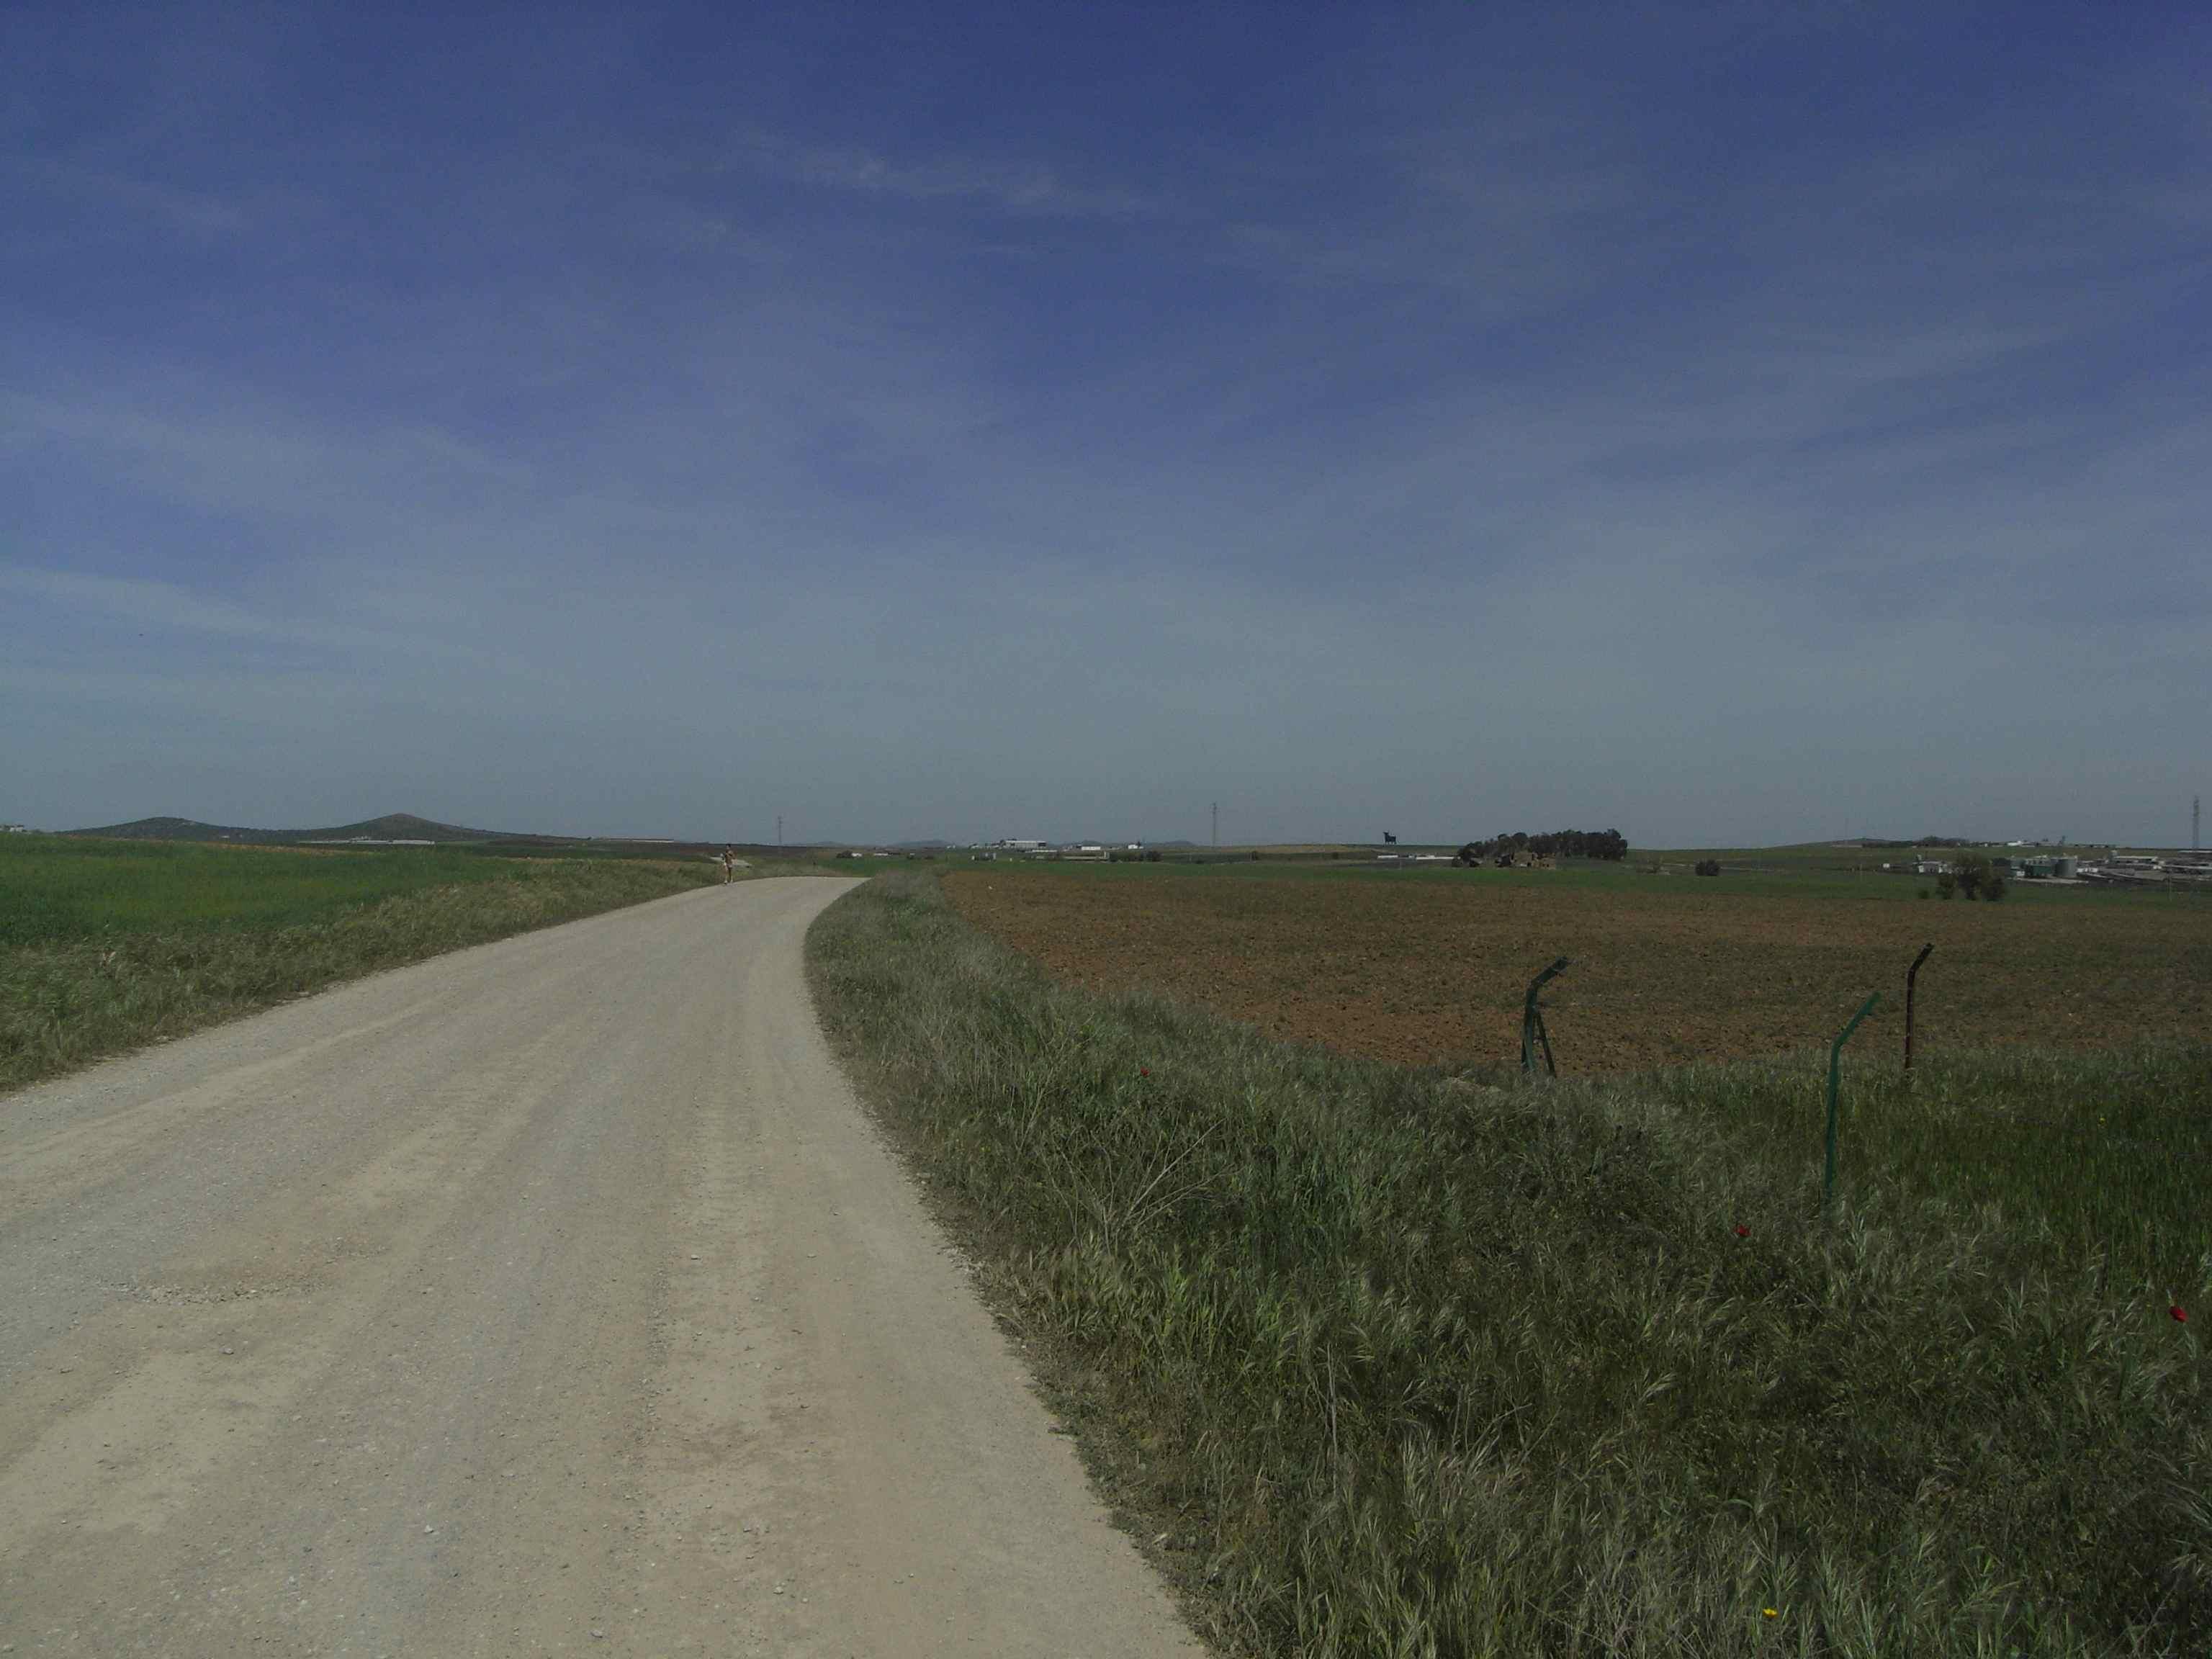 El paisaje va cambiando de la dehesa a los cereales